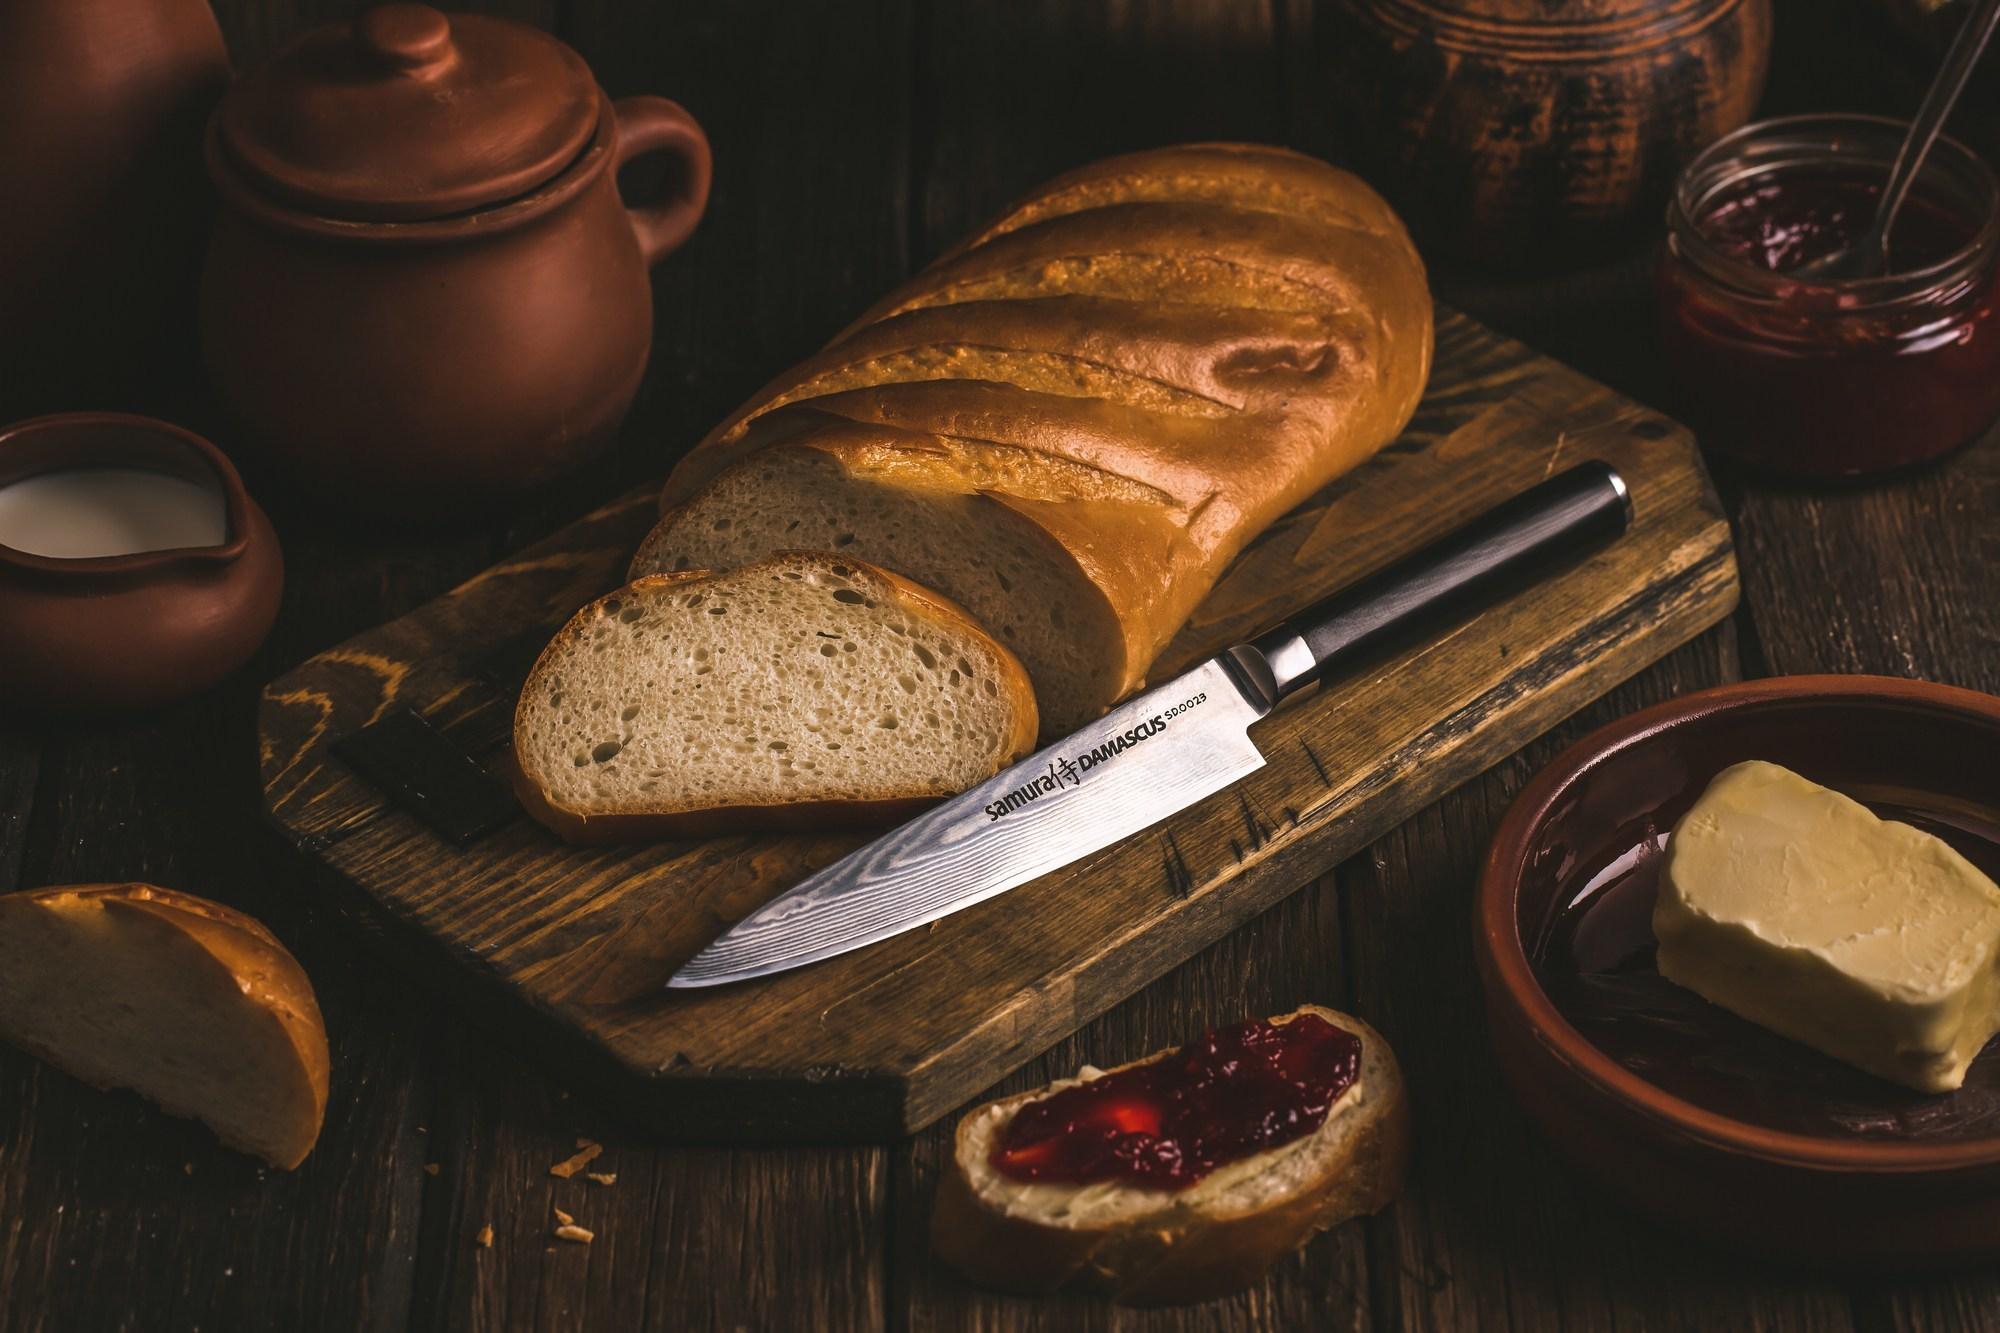 Фото 9 - Нож кухонный универсальный Samura Damascus SD-0023/Y, сталь VG-10/дамаск, рукоять G-10